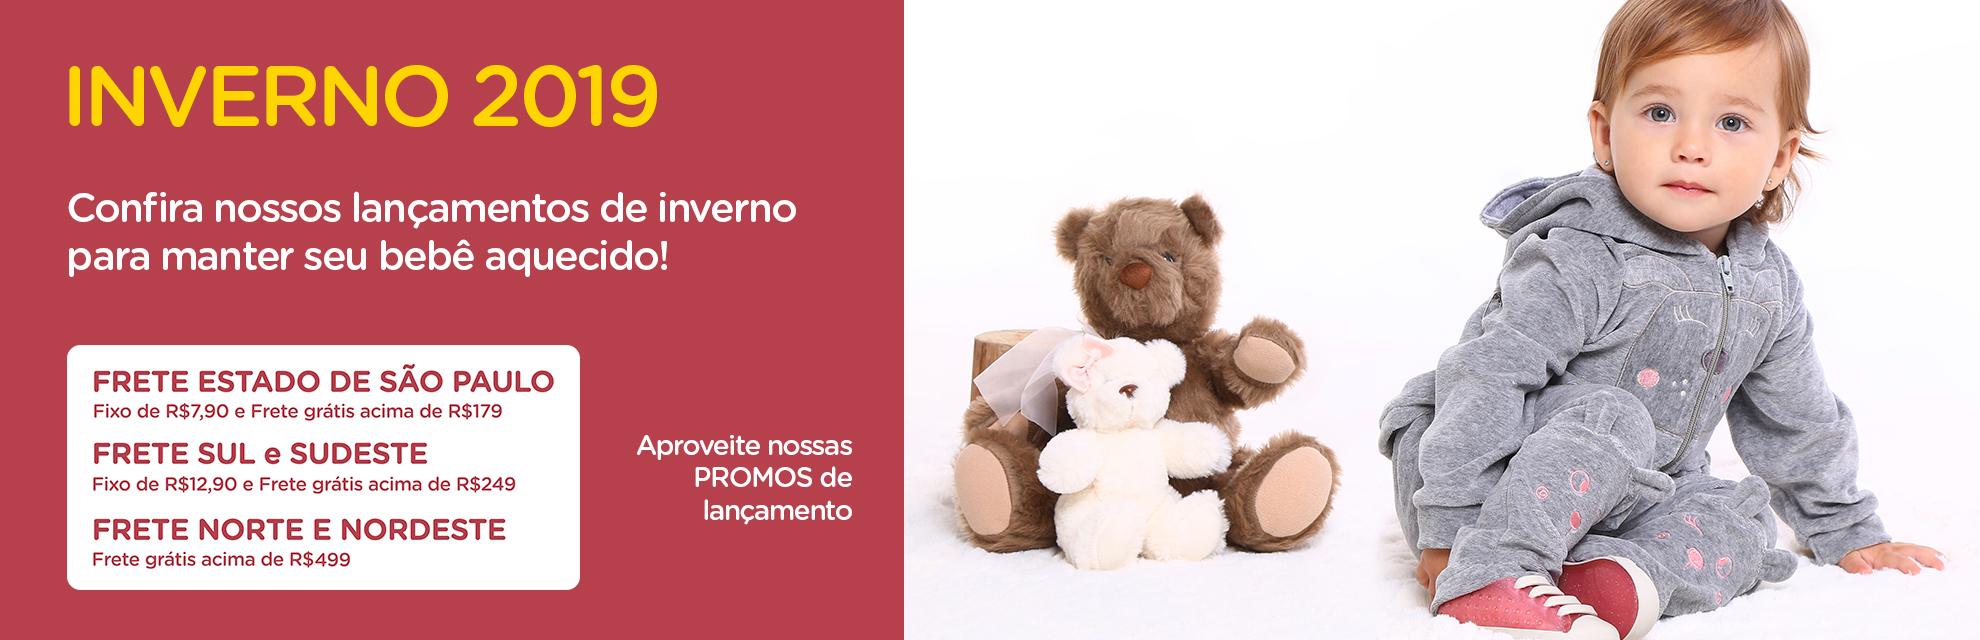 afe0a1b4f Ano Zero - Comprar Roupa Online para Bebês